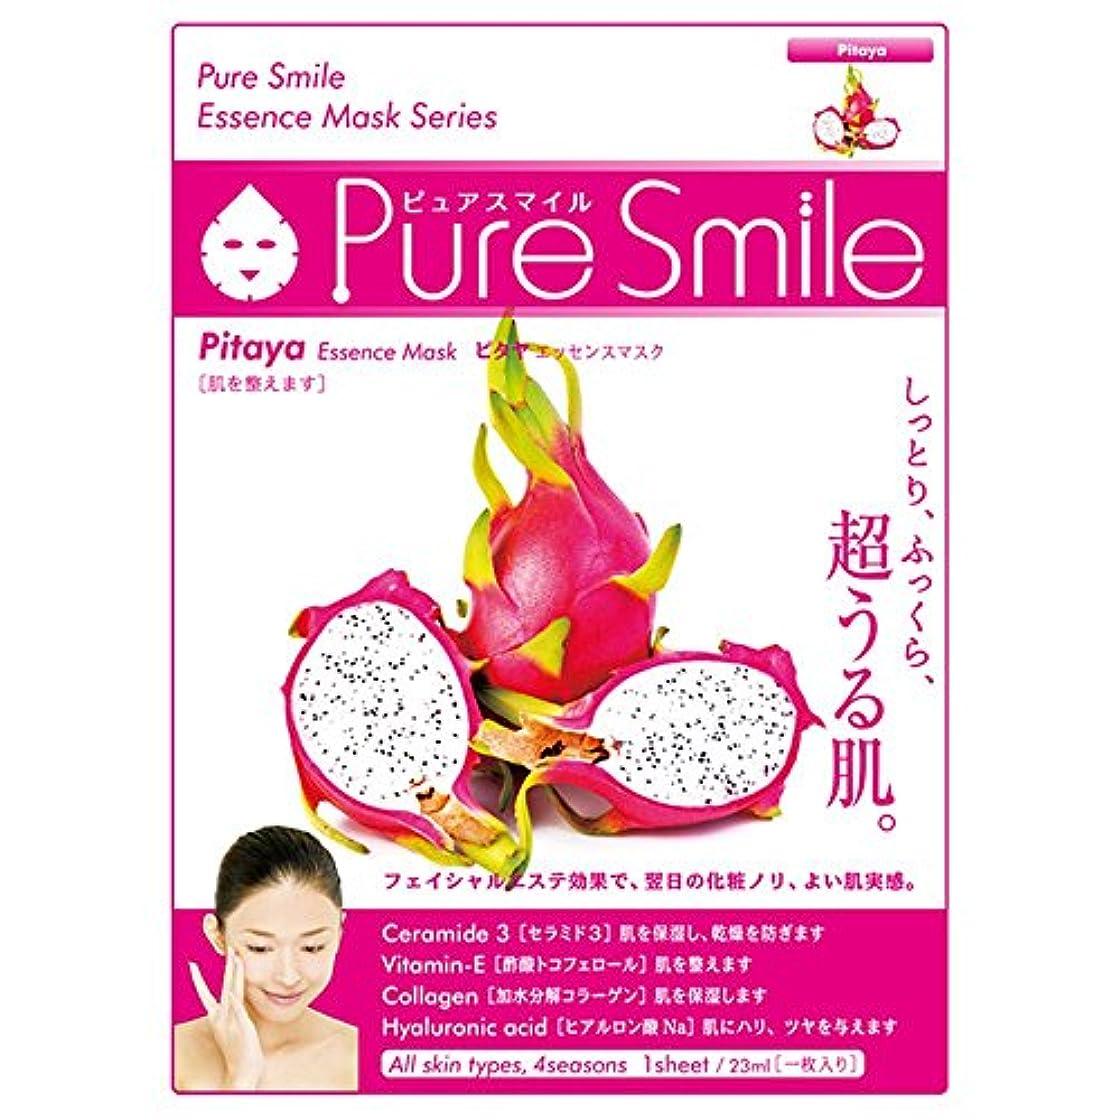 傷つきやすい保全盗賊Pure Smile/ピュアスマイル エッセンス/フェイスマスク 『Pitaya/ピタヤ(ドラゴンフルーツ)』